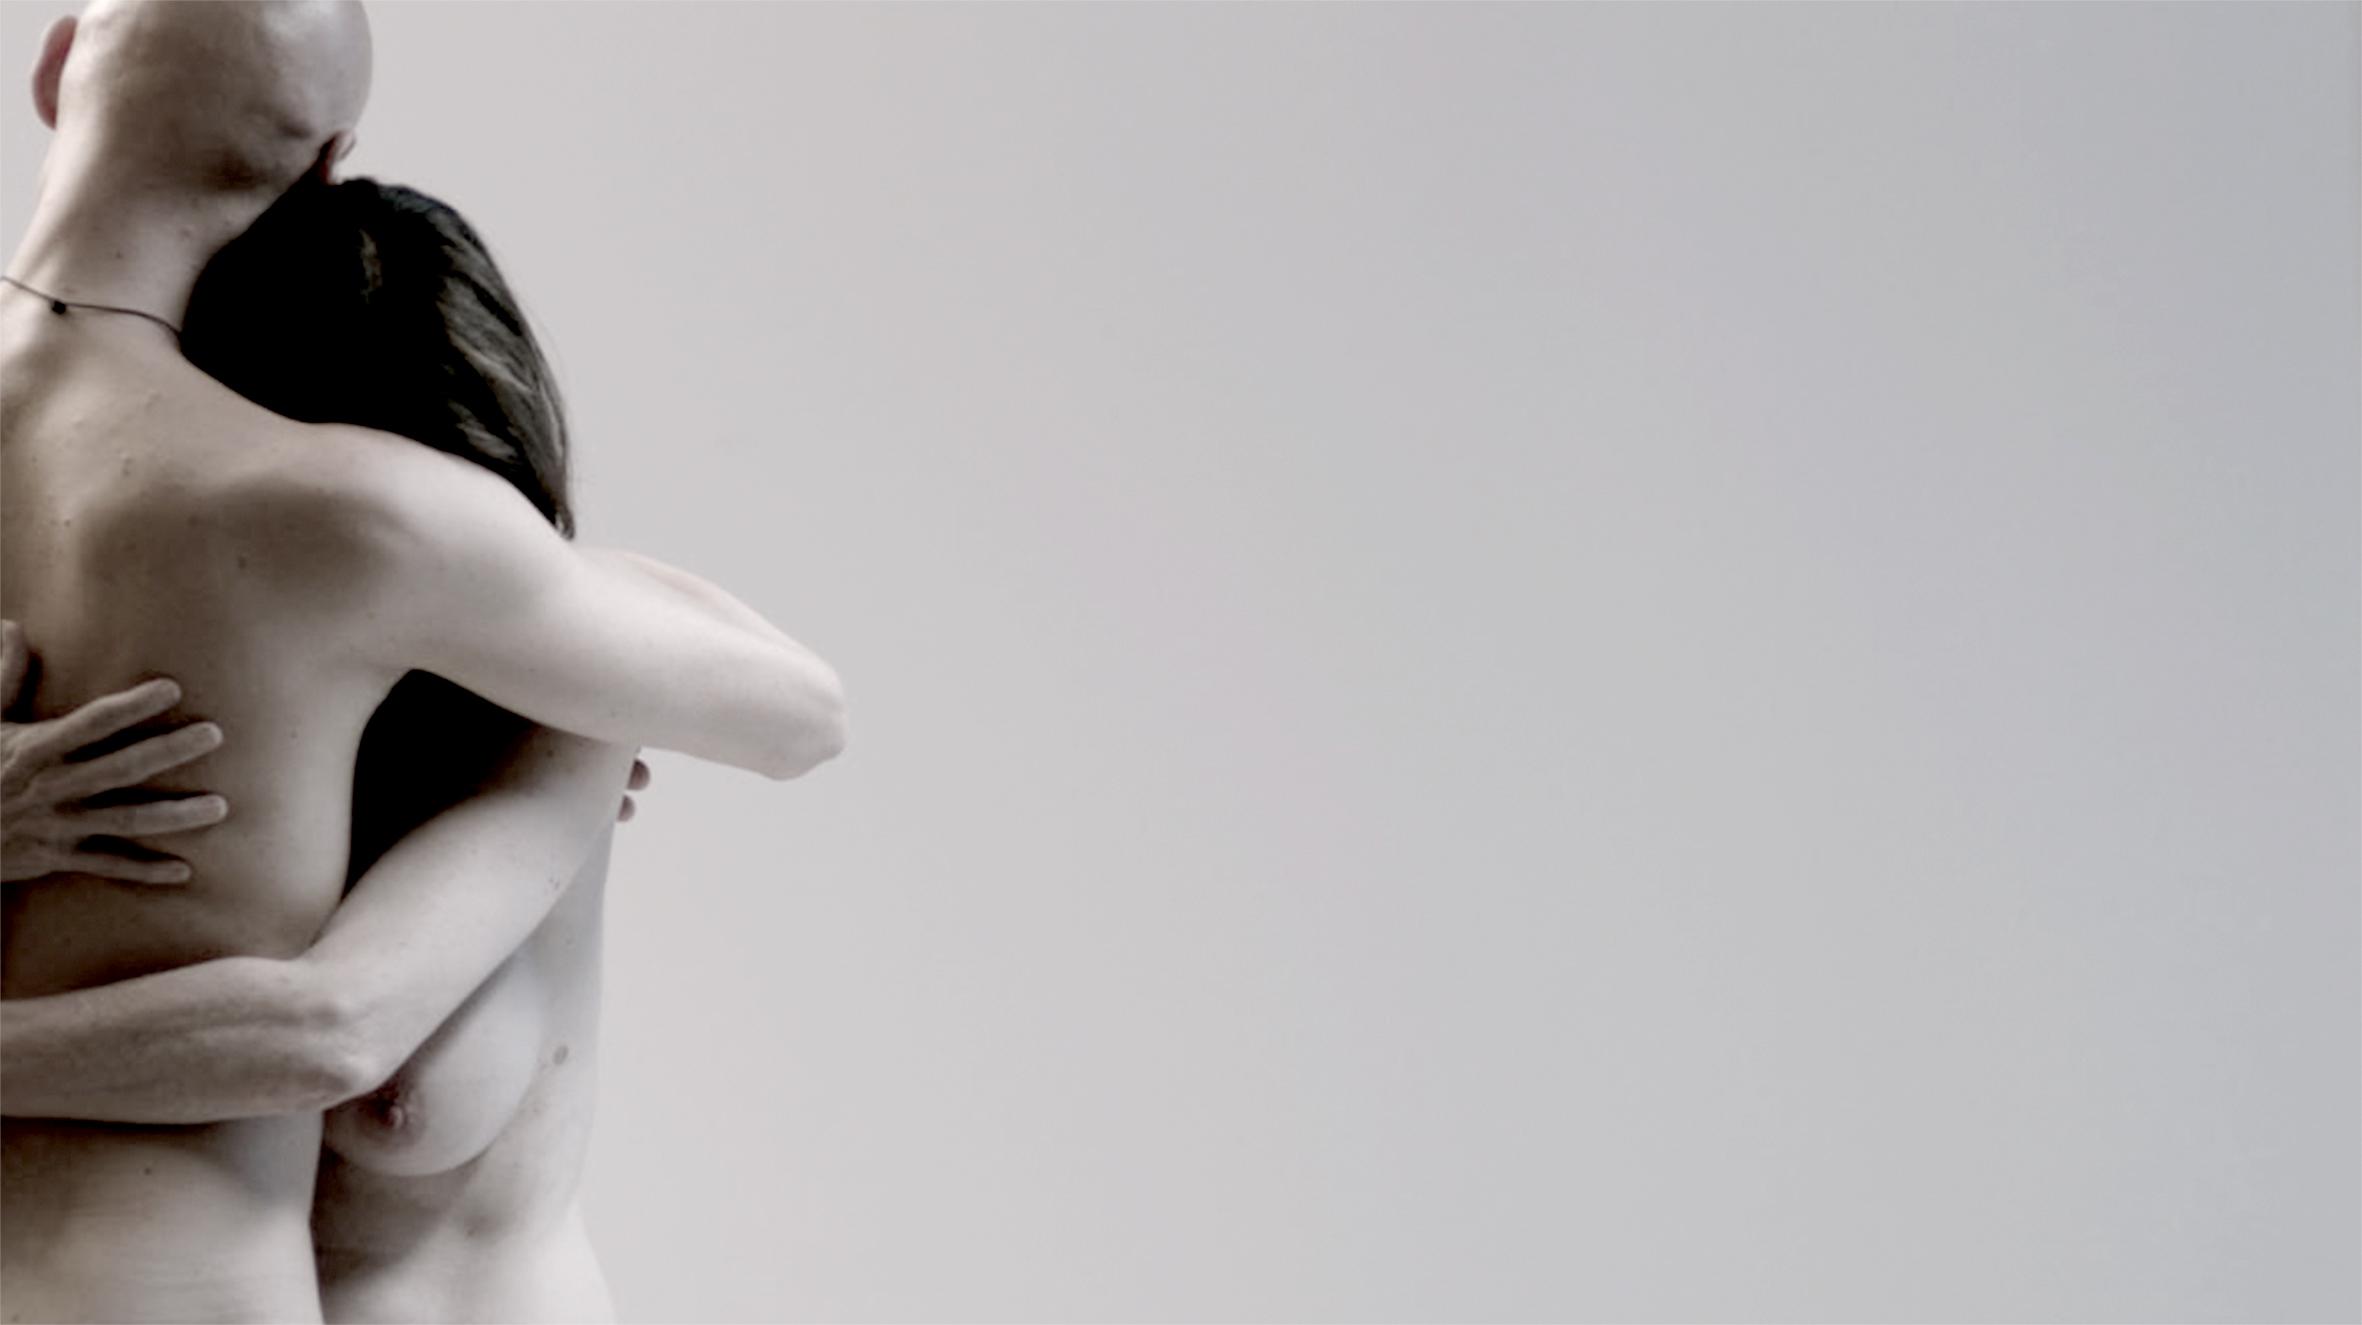 rajzfilm szex videók youtube